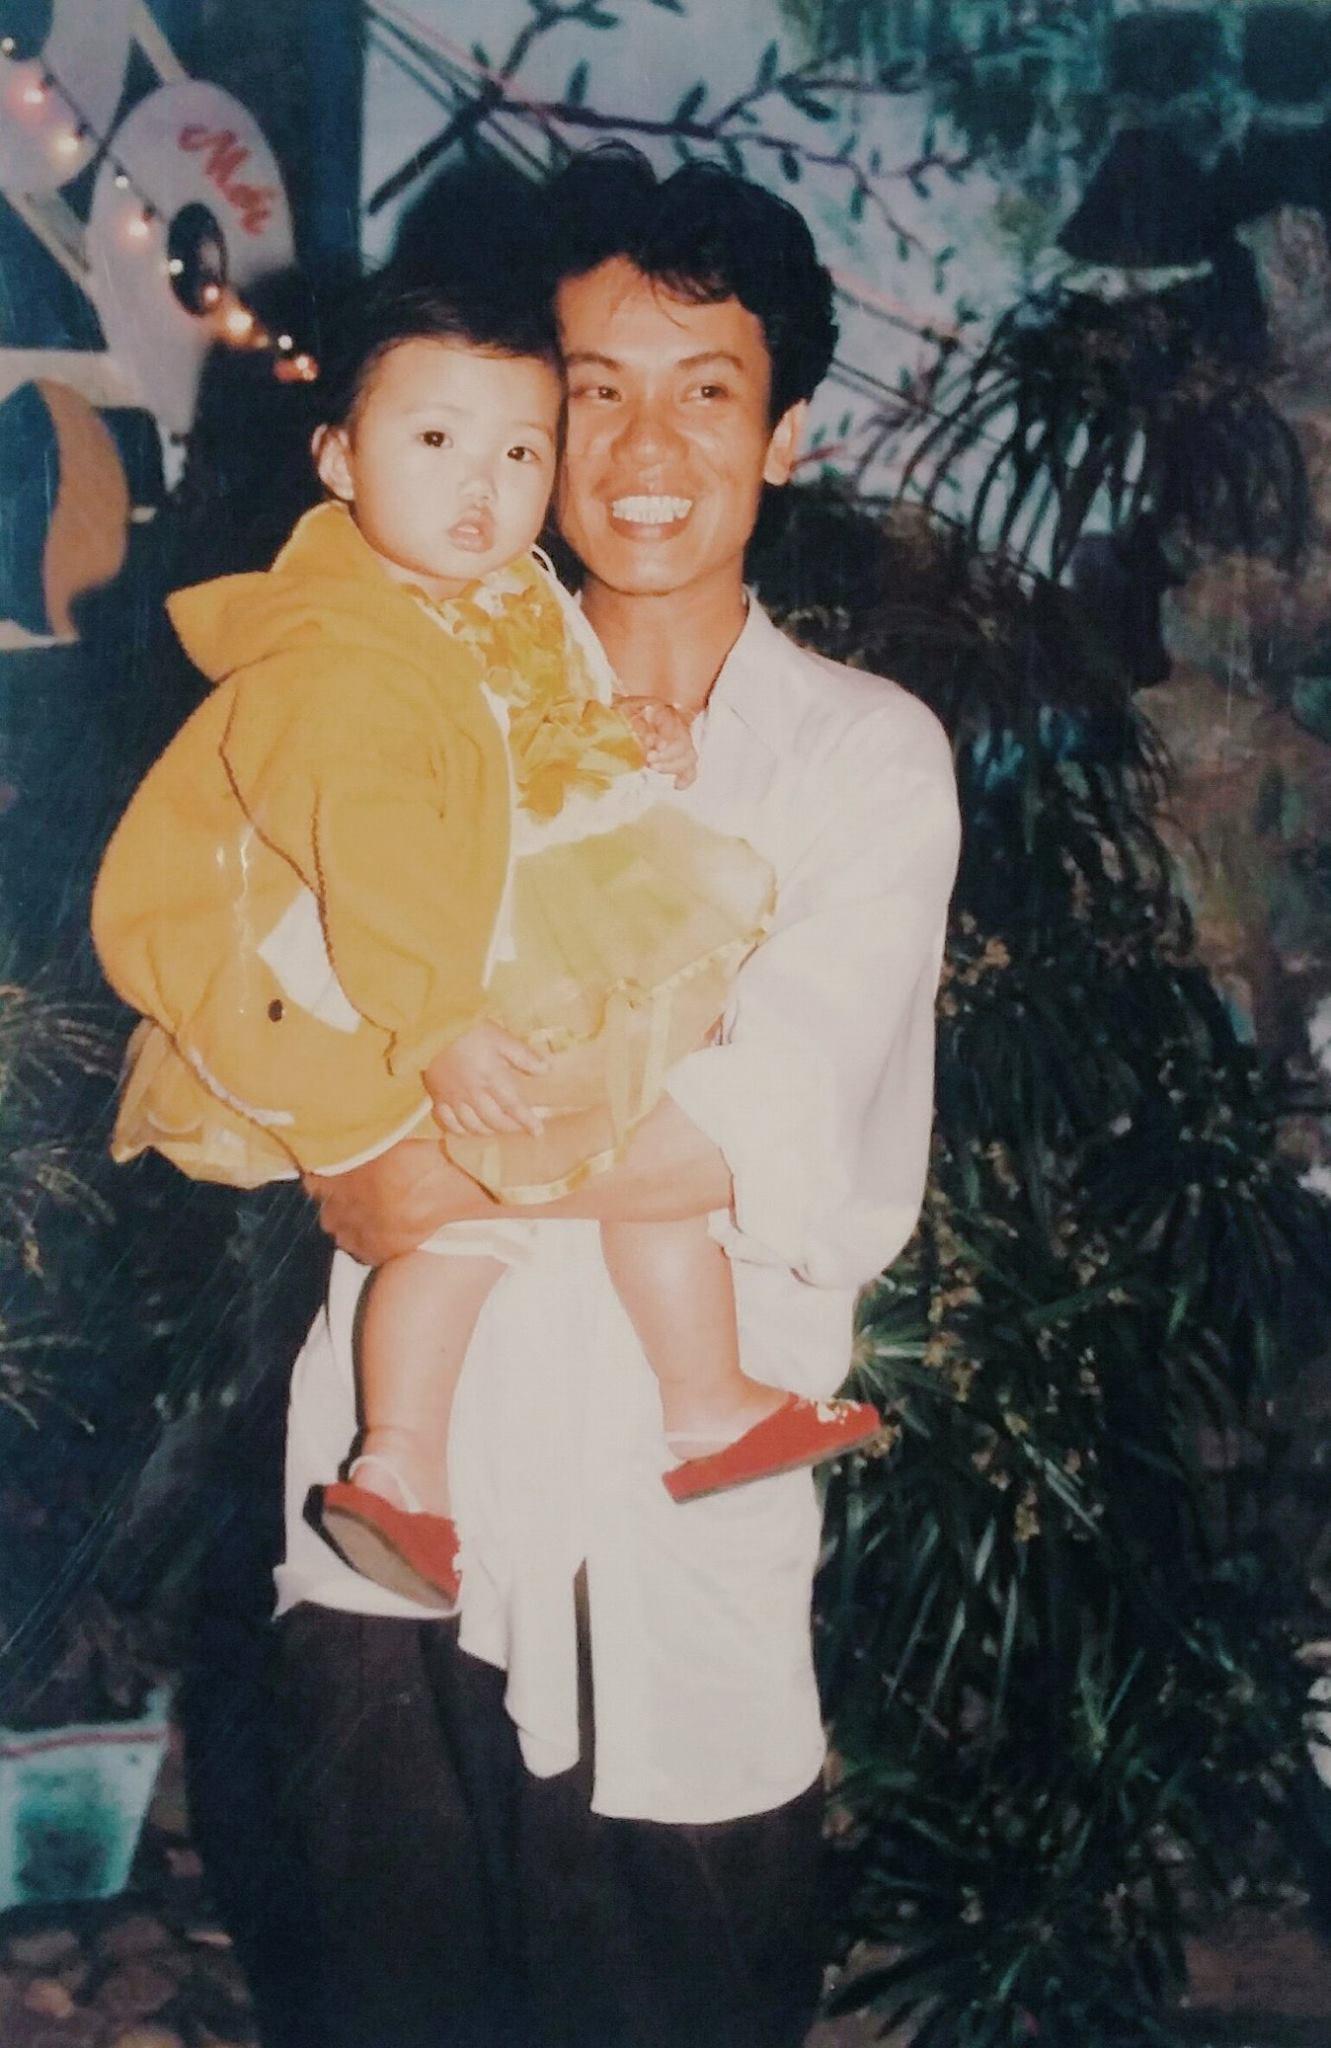 Chị Huyền Vi (sinh năm 1994, Đà Nẵng) cho biết trong một lần tình cờ dọn dẹp đồ cũ đã xem lại được bức ảnh này.